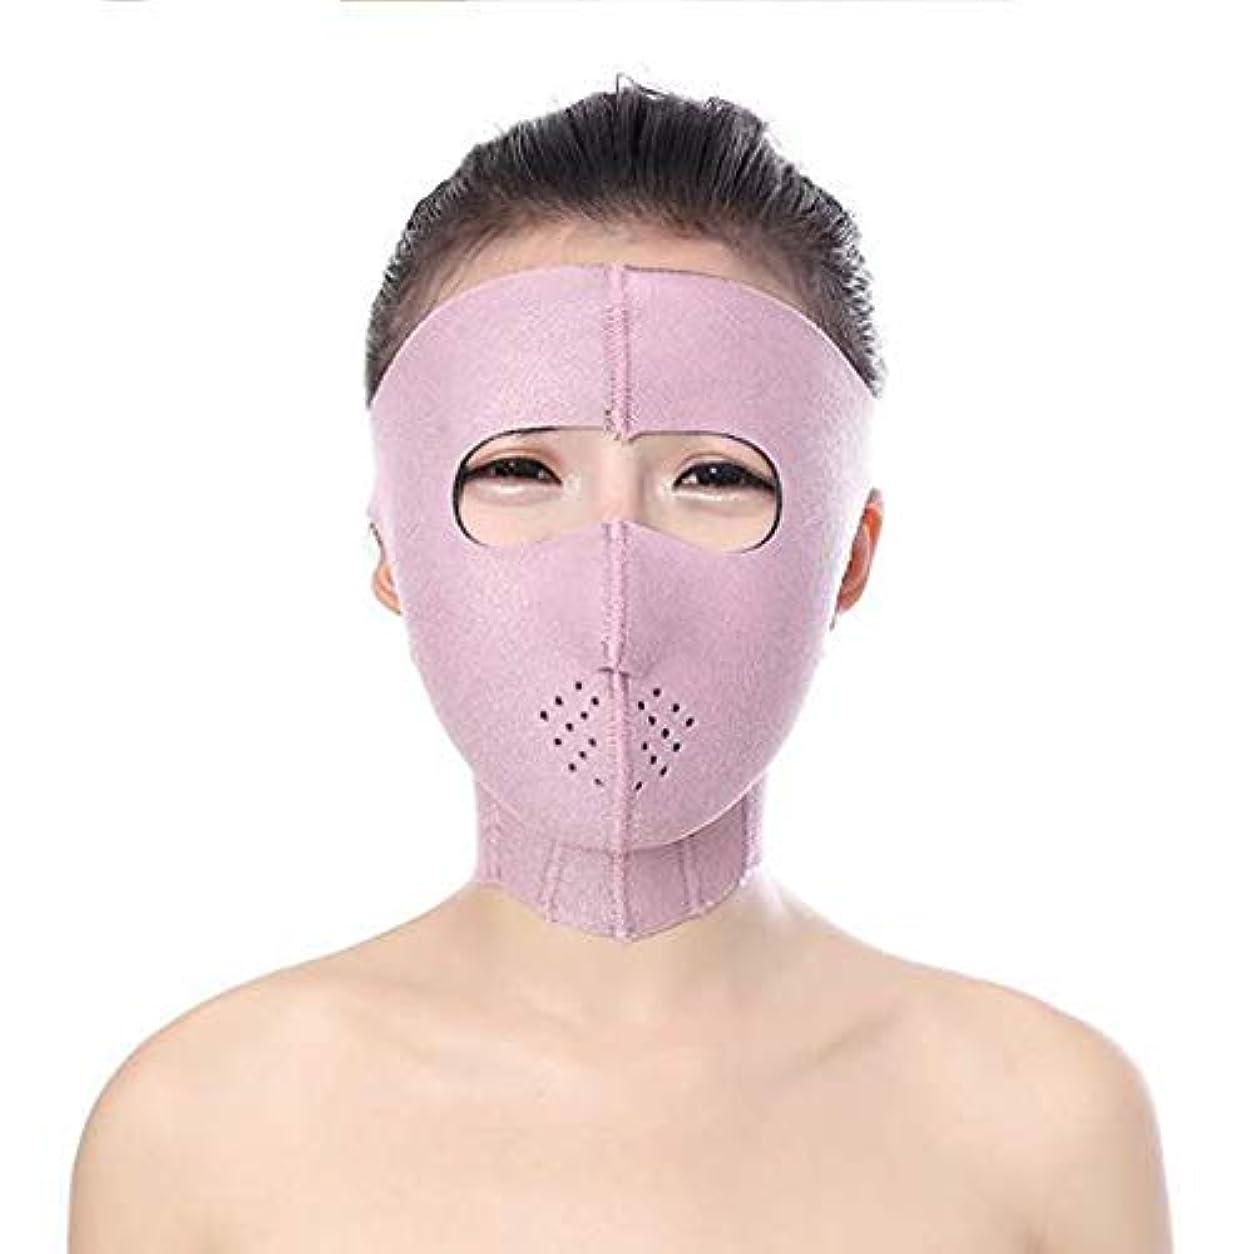 花束厄介な調べるJia He 軽量 薄い顔ベルト、Vフェイススリミング頬マスク超薄型アンチエイジングリンクルフェイシャルマスクスリムアップベルトは二重あごストラップを削減 ## (Color : Pink)